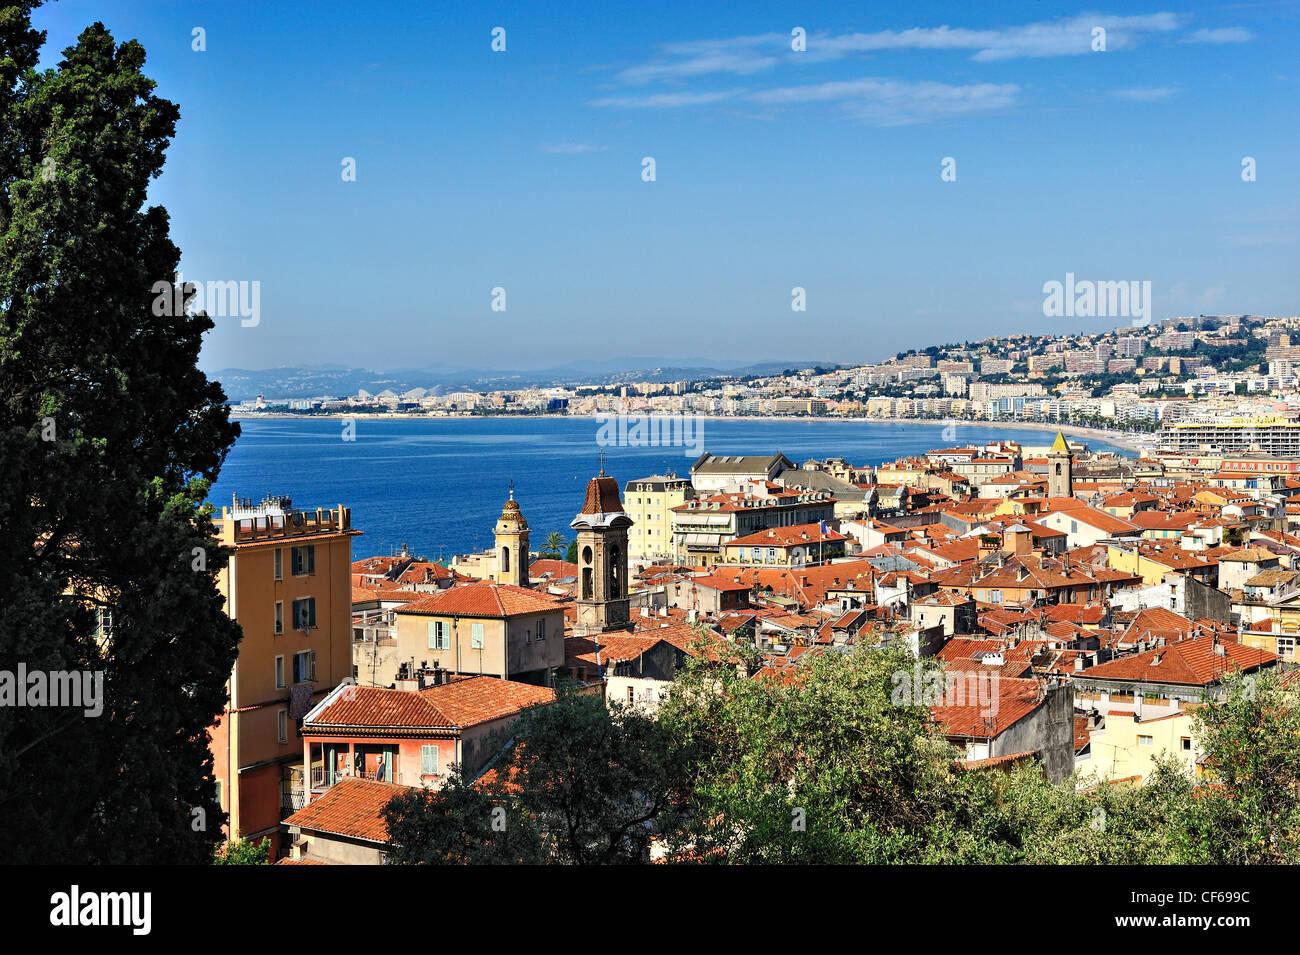 Aperçu de Nice, Côte d'Azur, France. Photo Stock